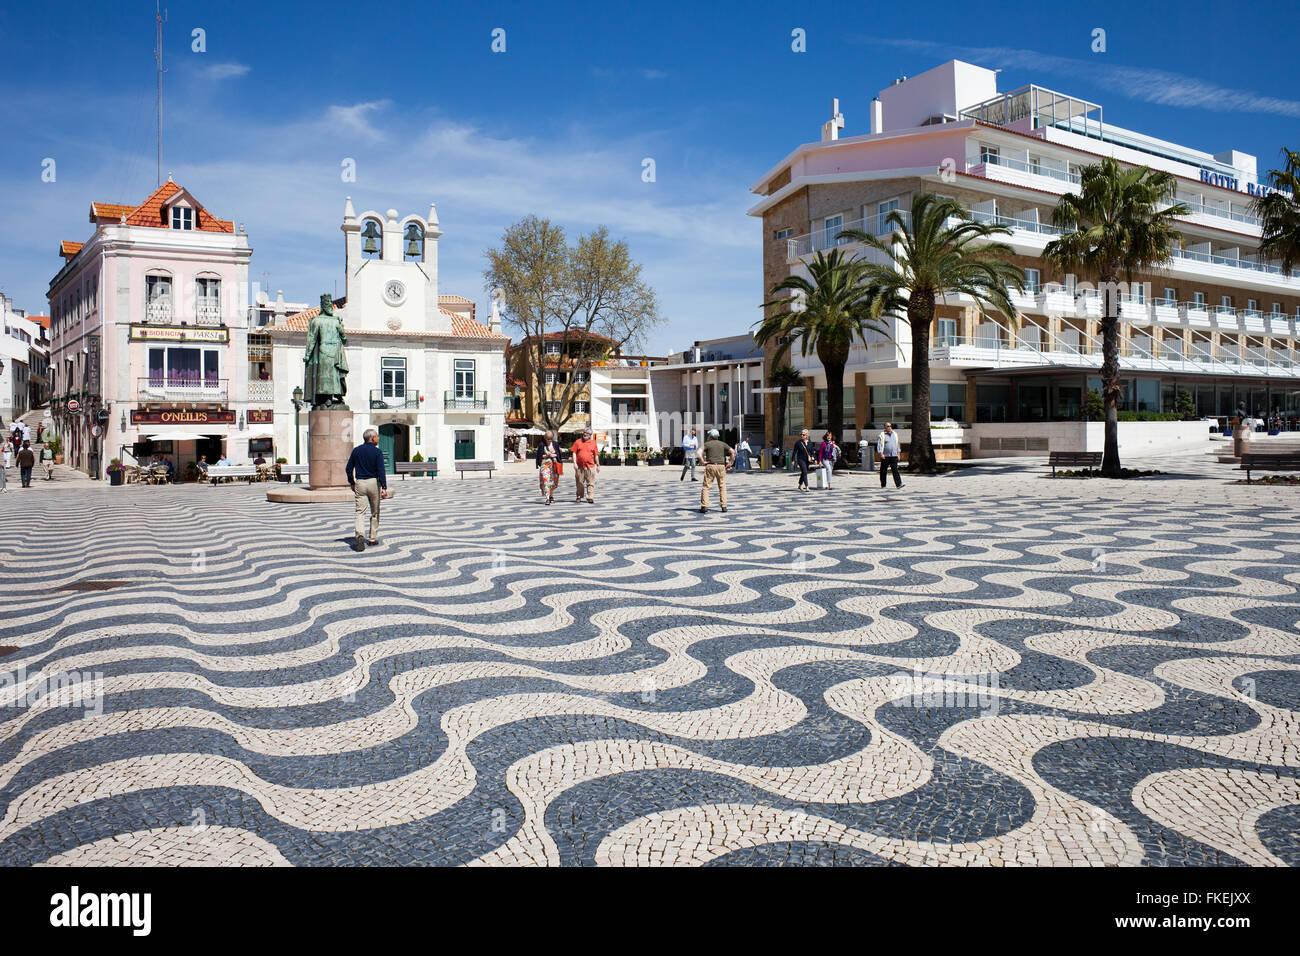 Hotel Baia Cascais : Portugal resort town of cascais camara municipal square hotel